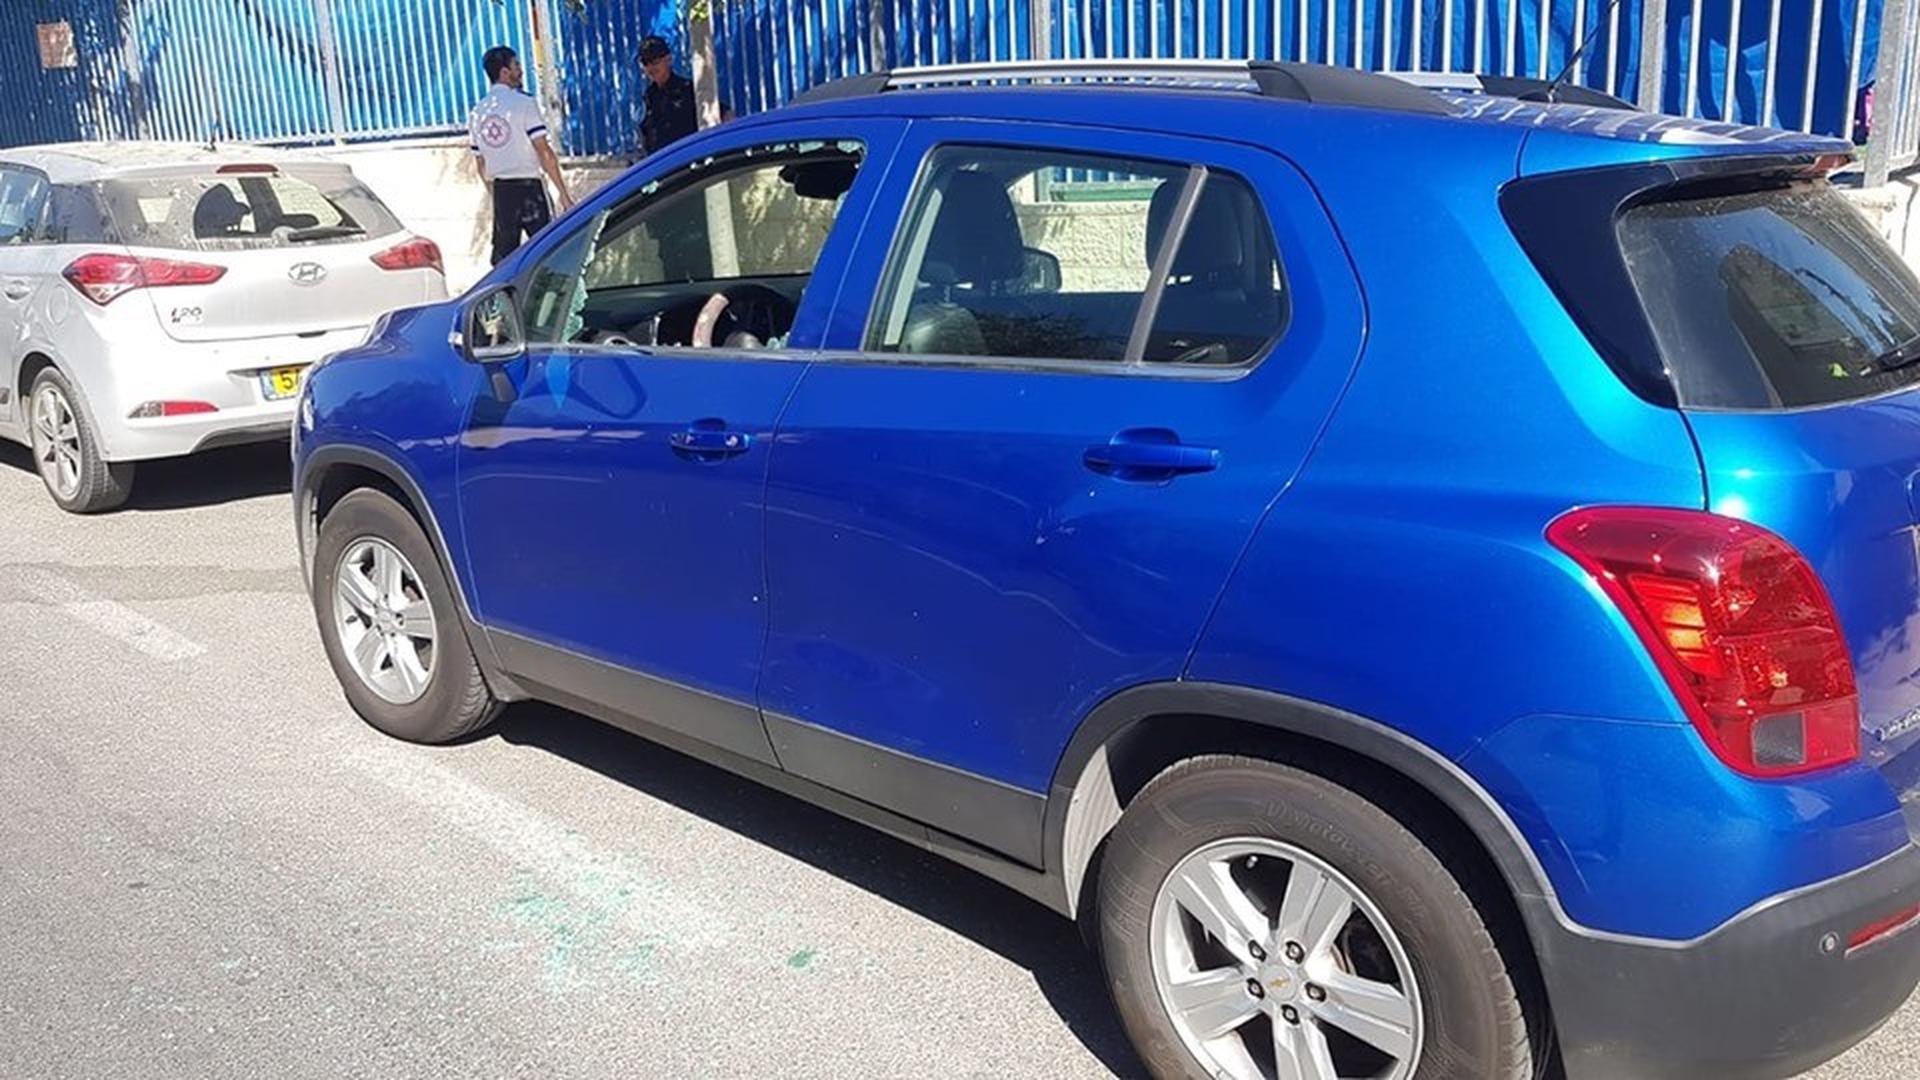 הרכב שבו ננעל הילד   צילום: דוברות איחוד הצלה מודיעין